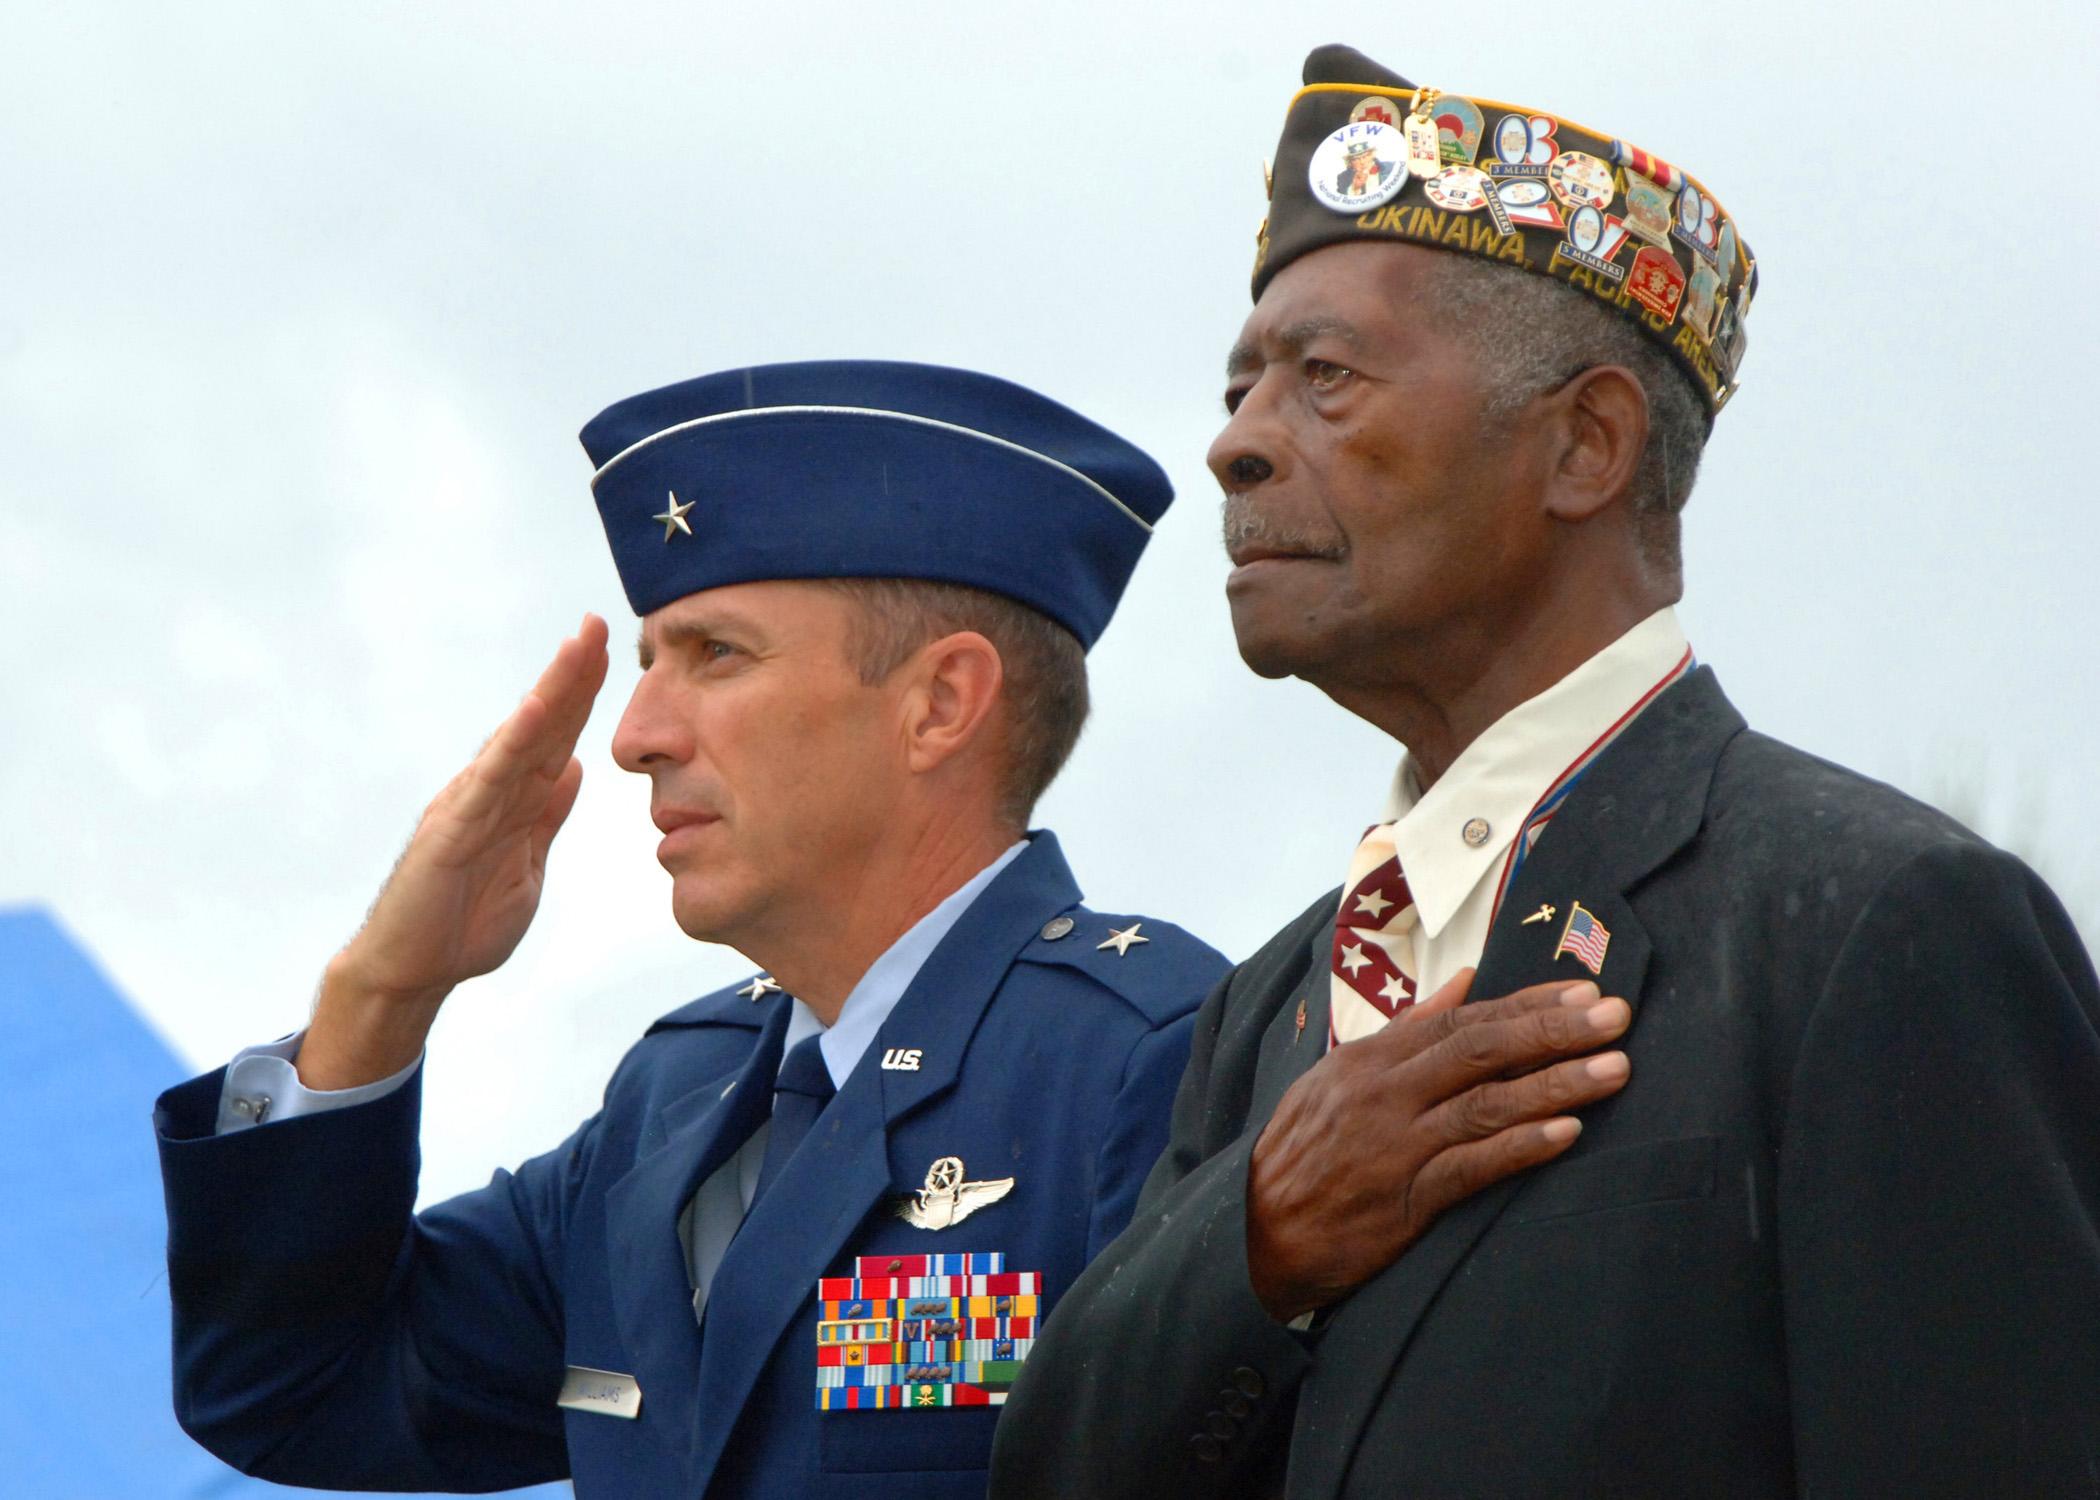 Image Result For Veterans Day Flag